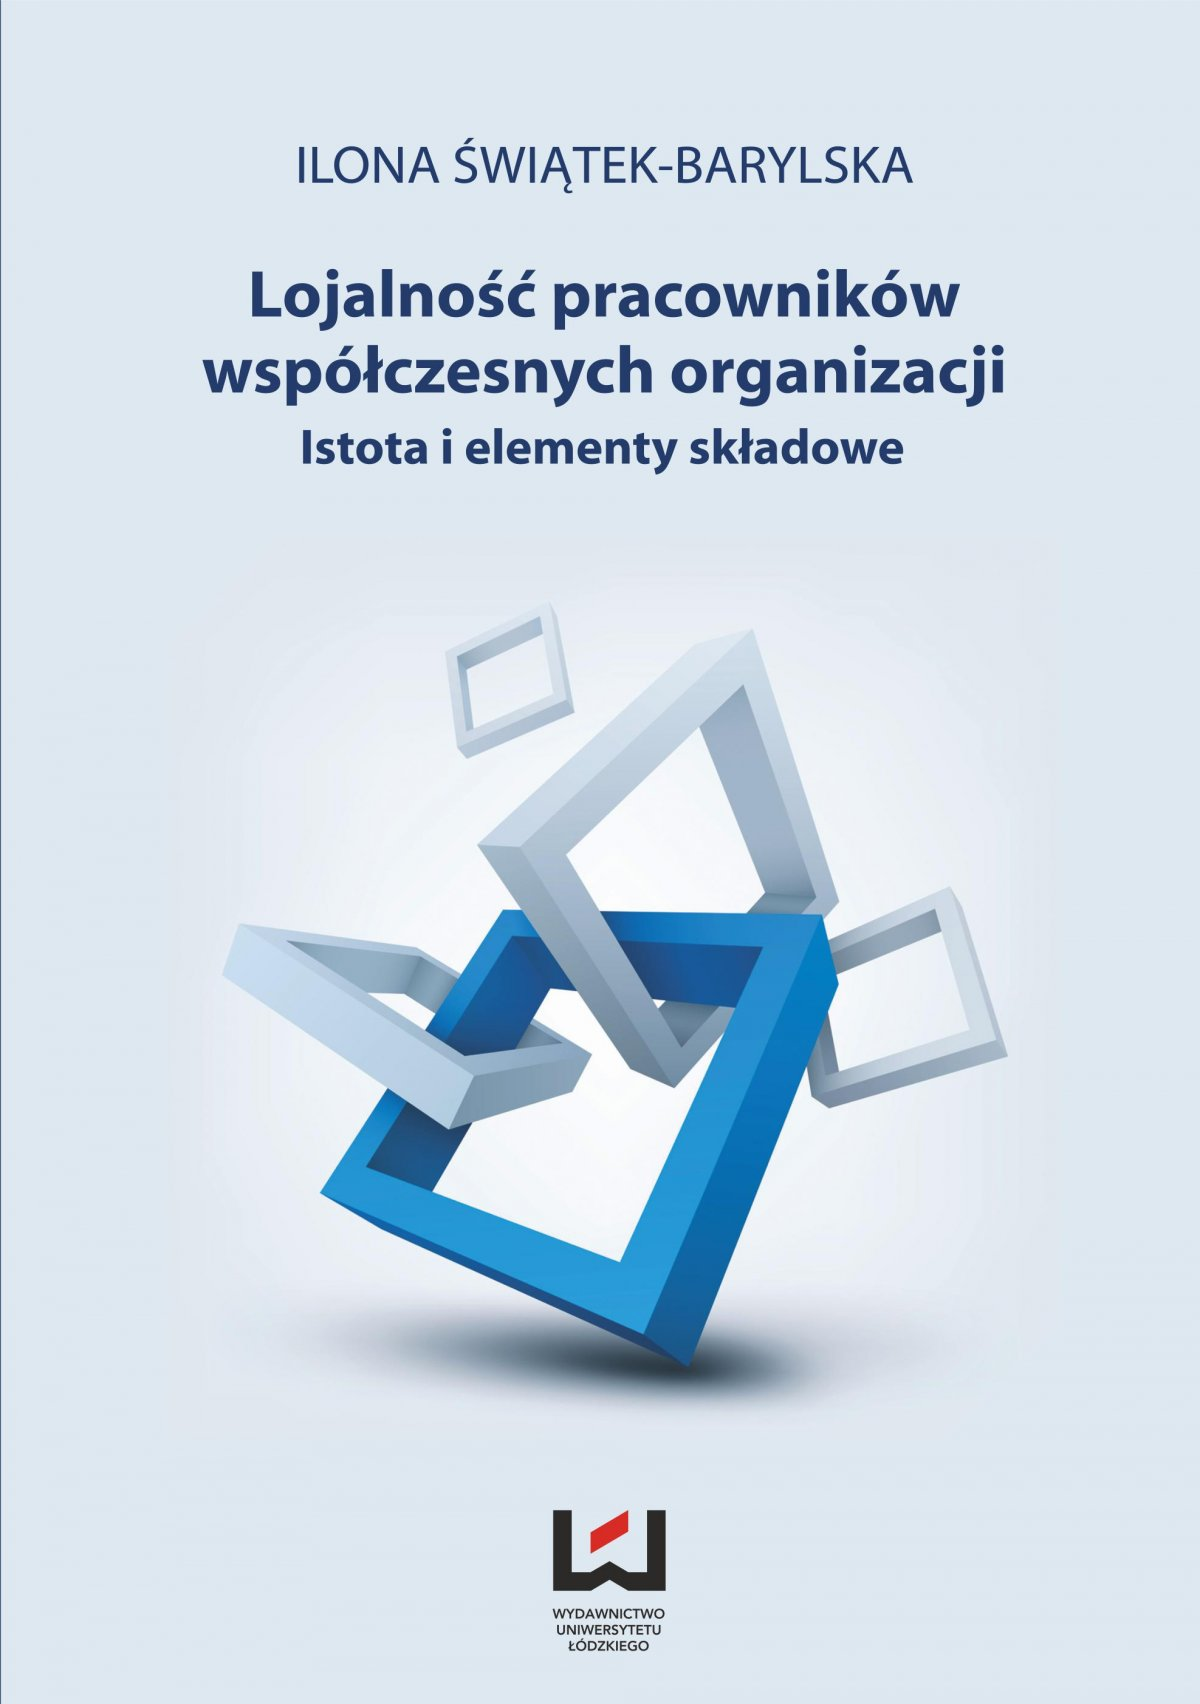 Lojalność pracowników współczesnych organizacji. Istota i elementy składowe - Ebook (Książka PDF) do pobrania w formacie PDF